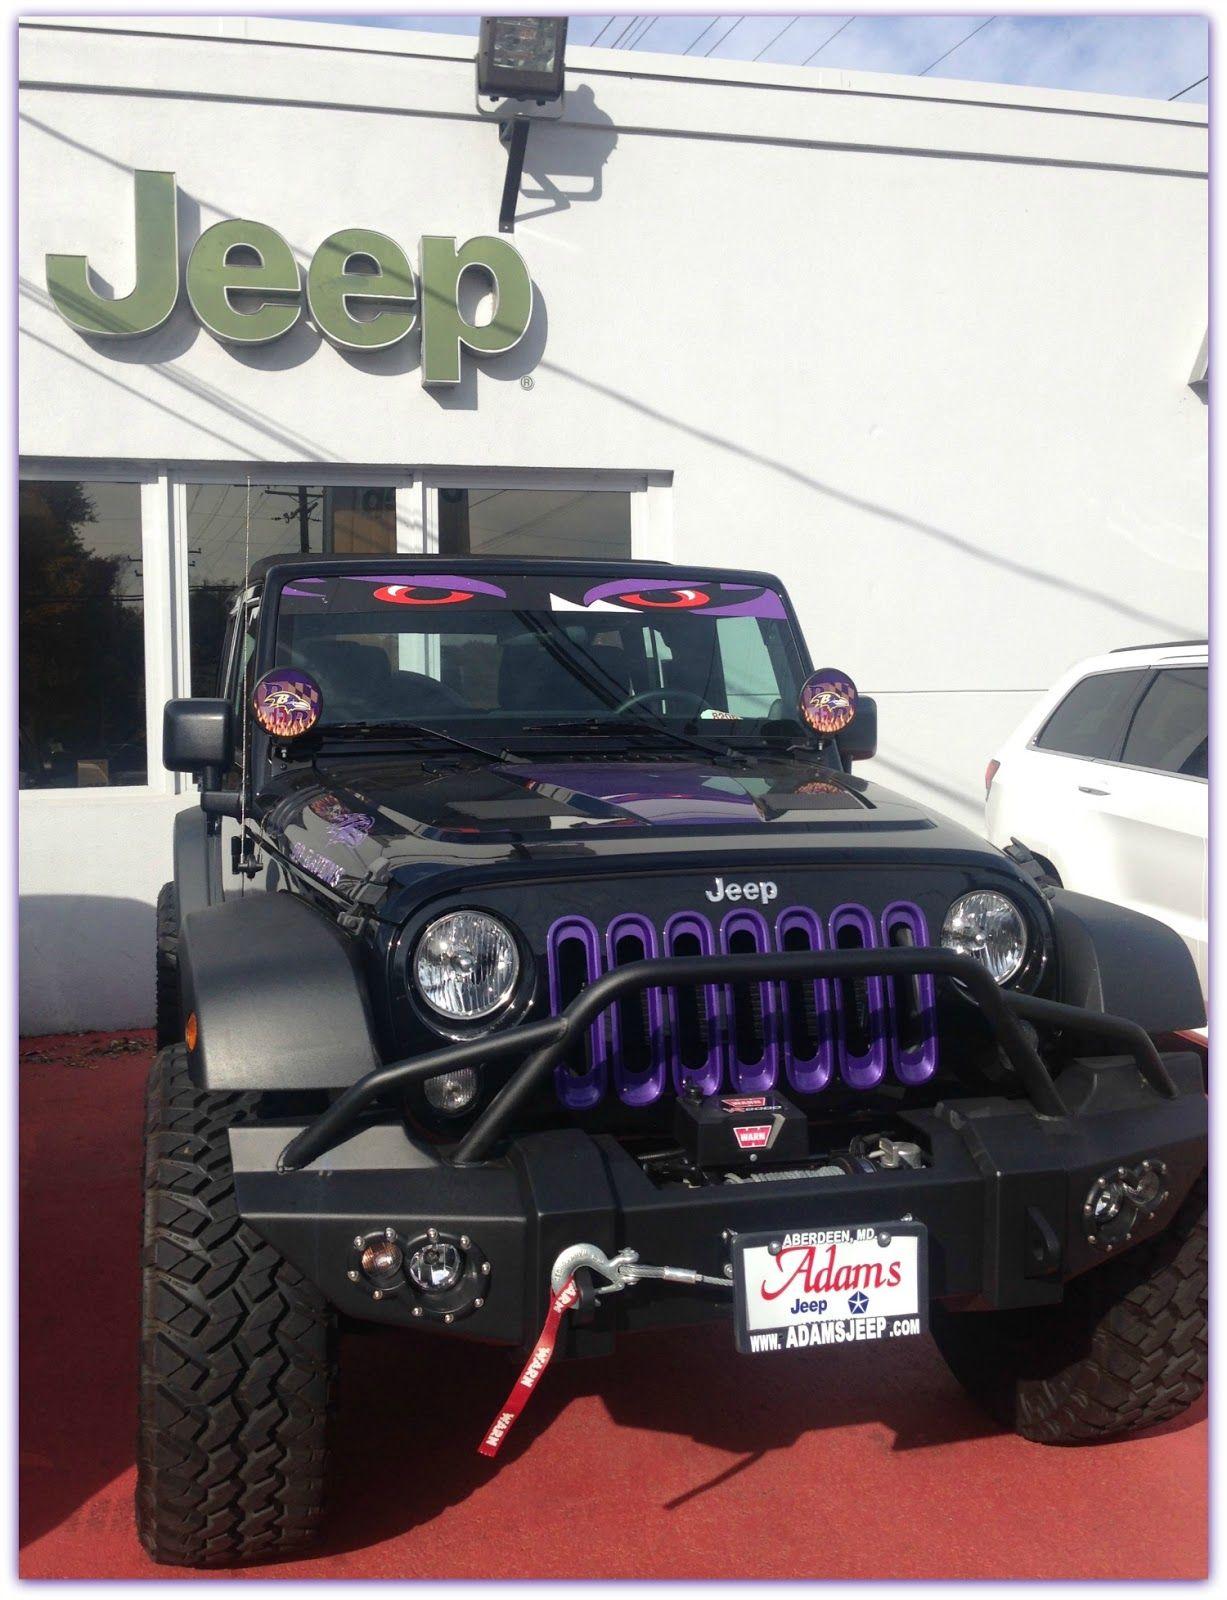 Jeep momma giving up my jeep wrangler sahara hard choice